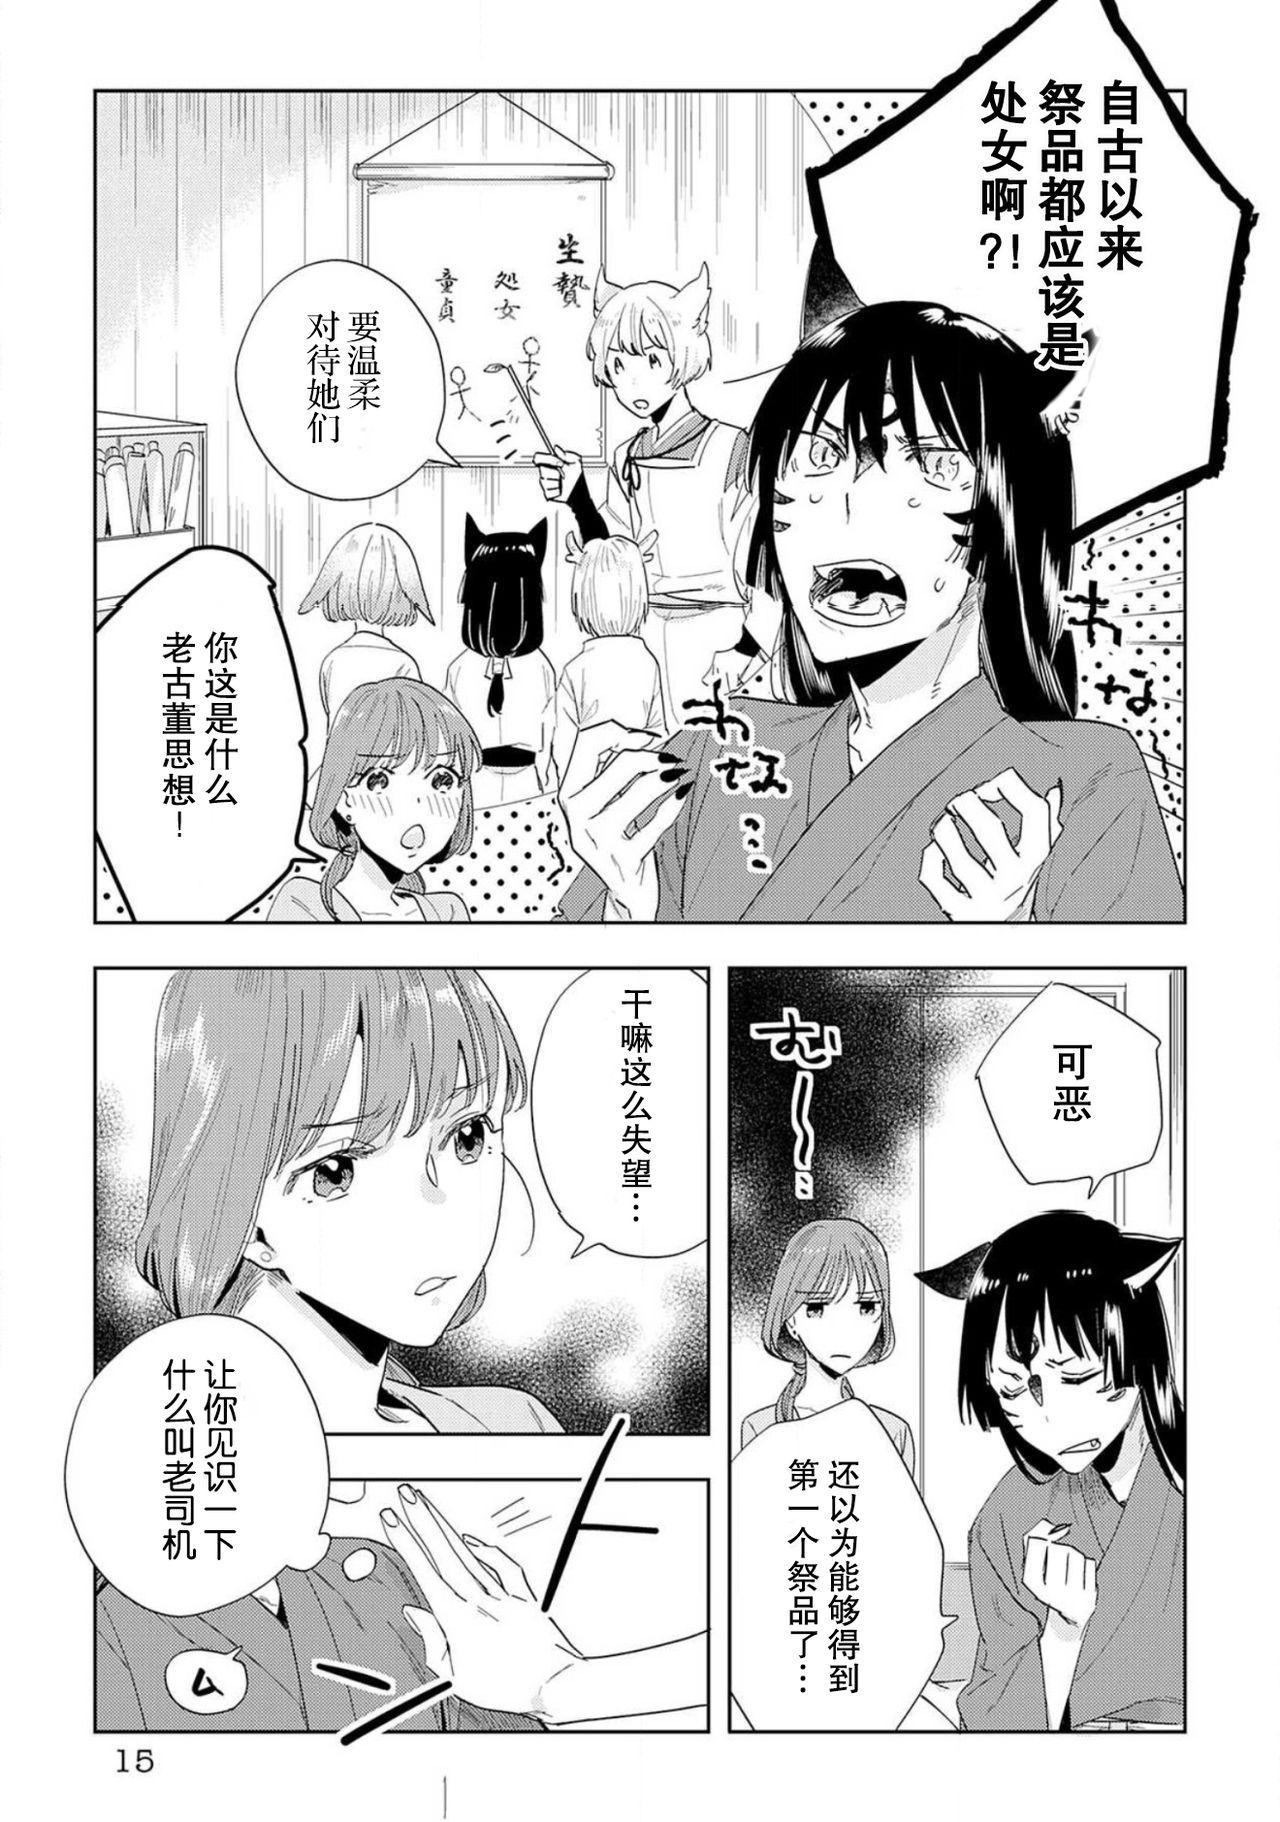 [Hachikawa Kyuu] Kami-sama to Ikenie H Keiyaku Shichaimashita | 我与神明大人签订了祭品H契约 1-3 [Chinese] [莉赛特汉化组] 40